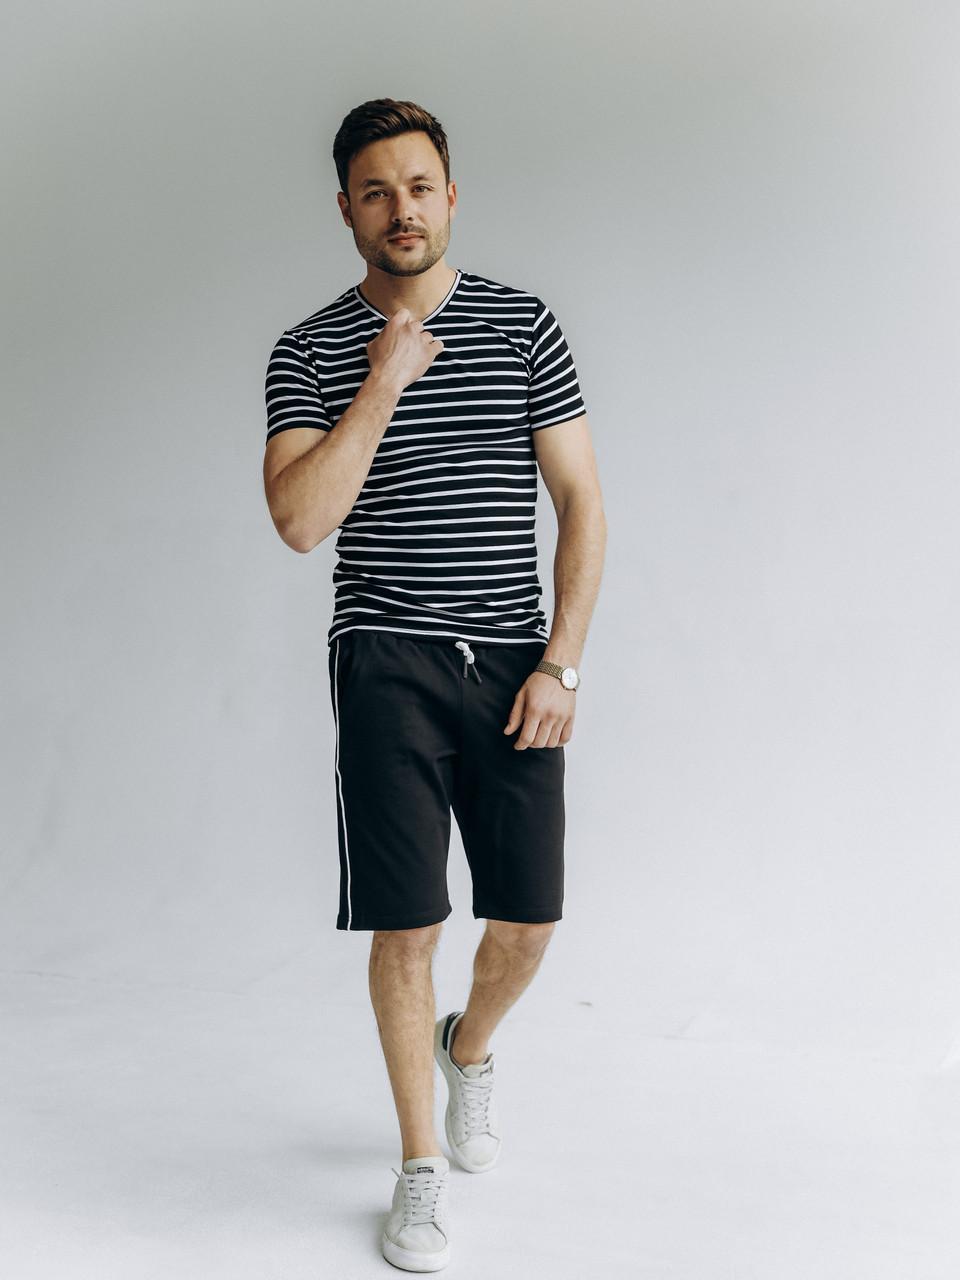 Футболка і шорти чоловічий костюм літній прогулянковий стильний смугастий чорного кольору